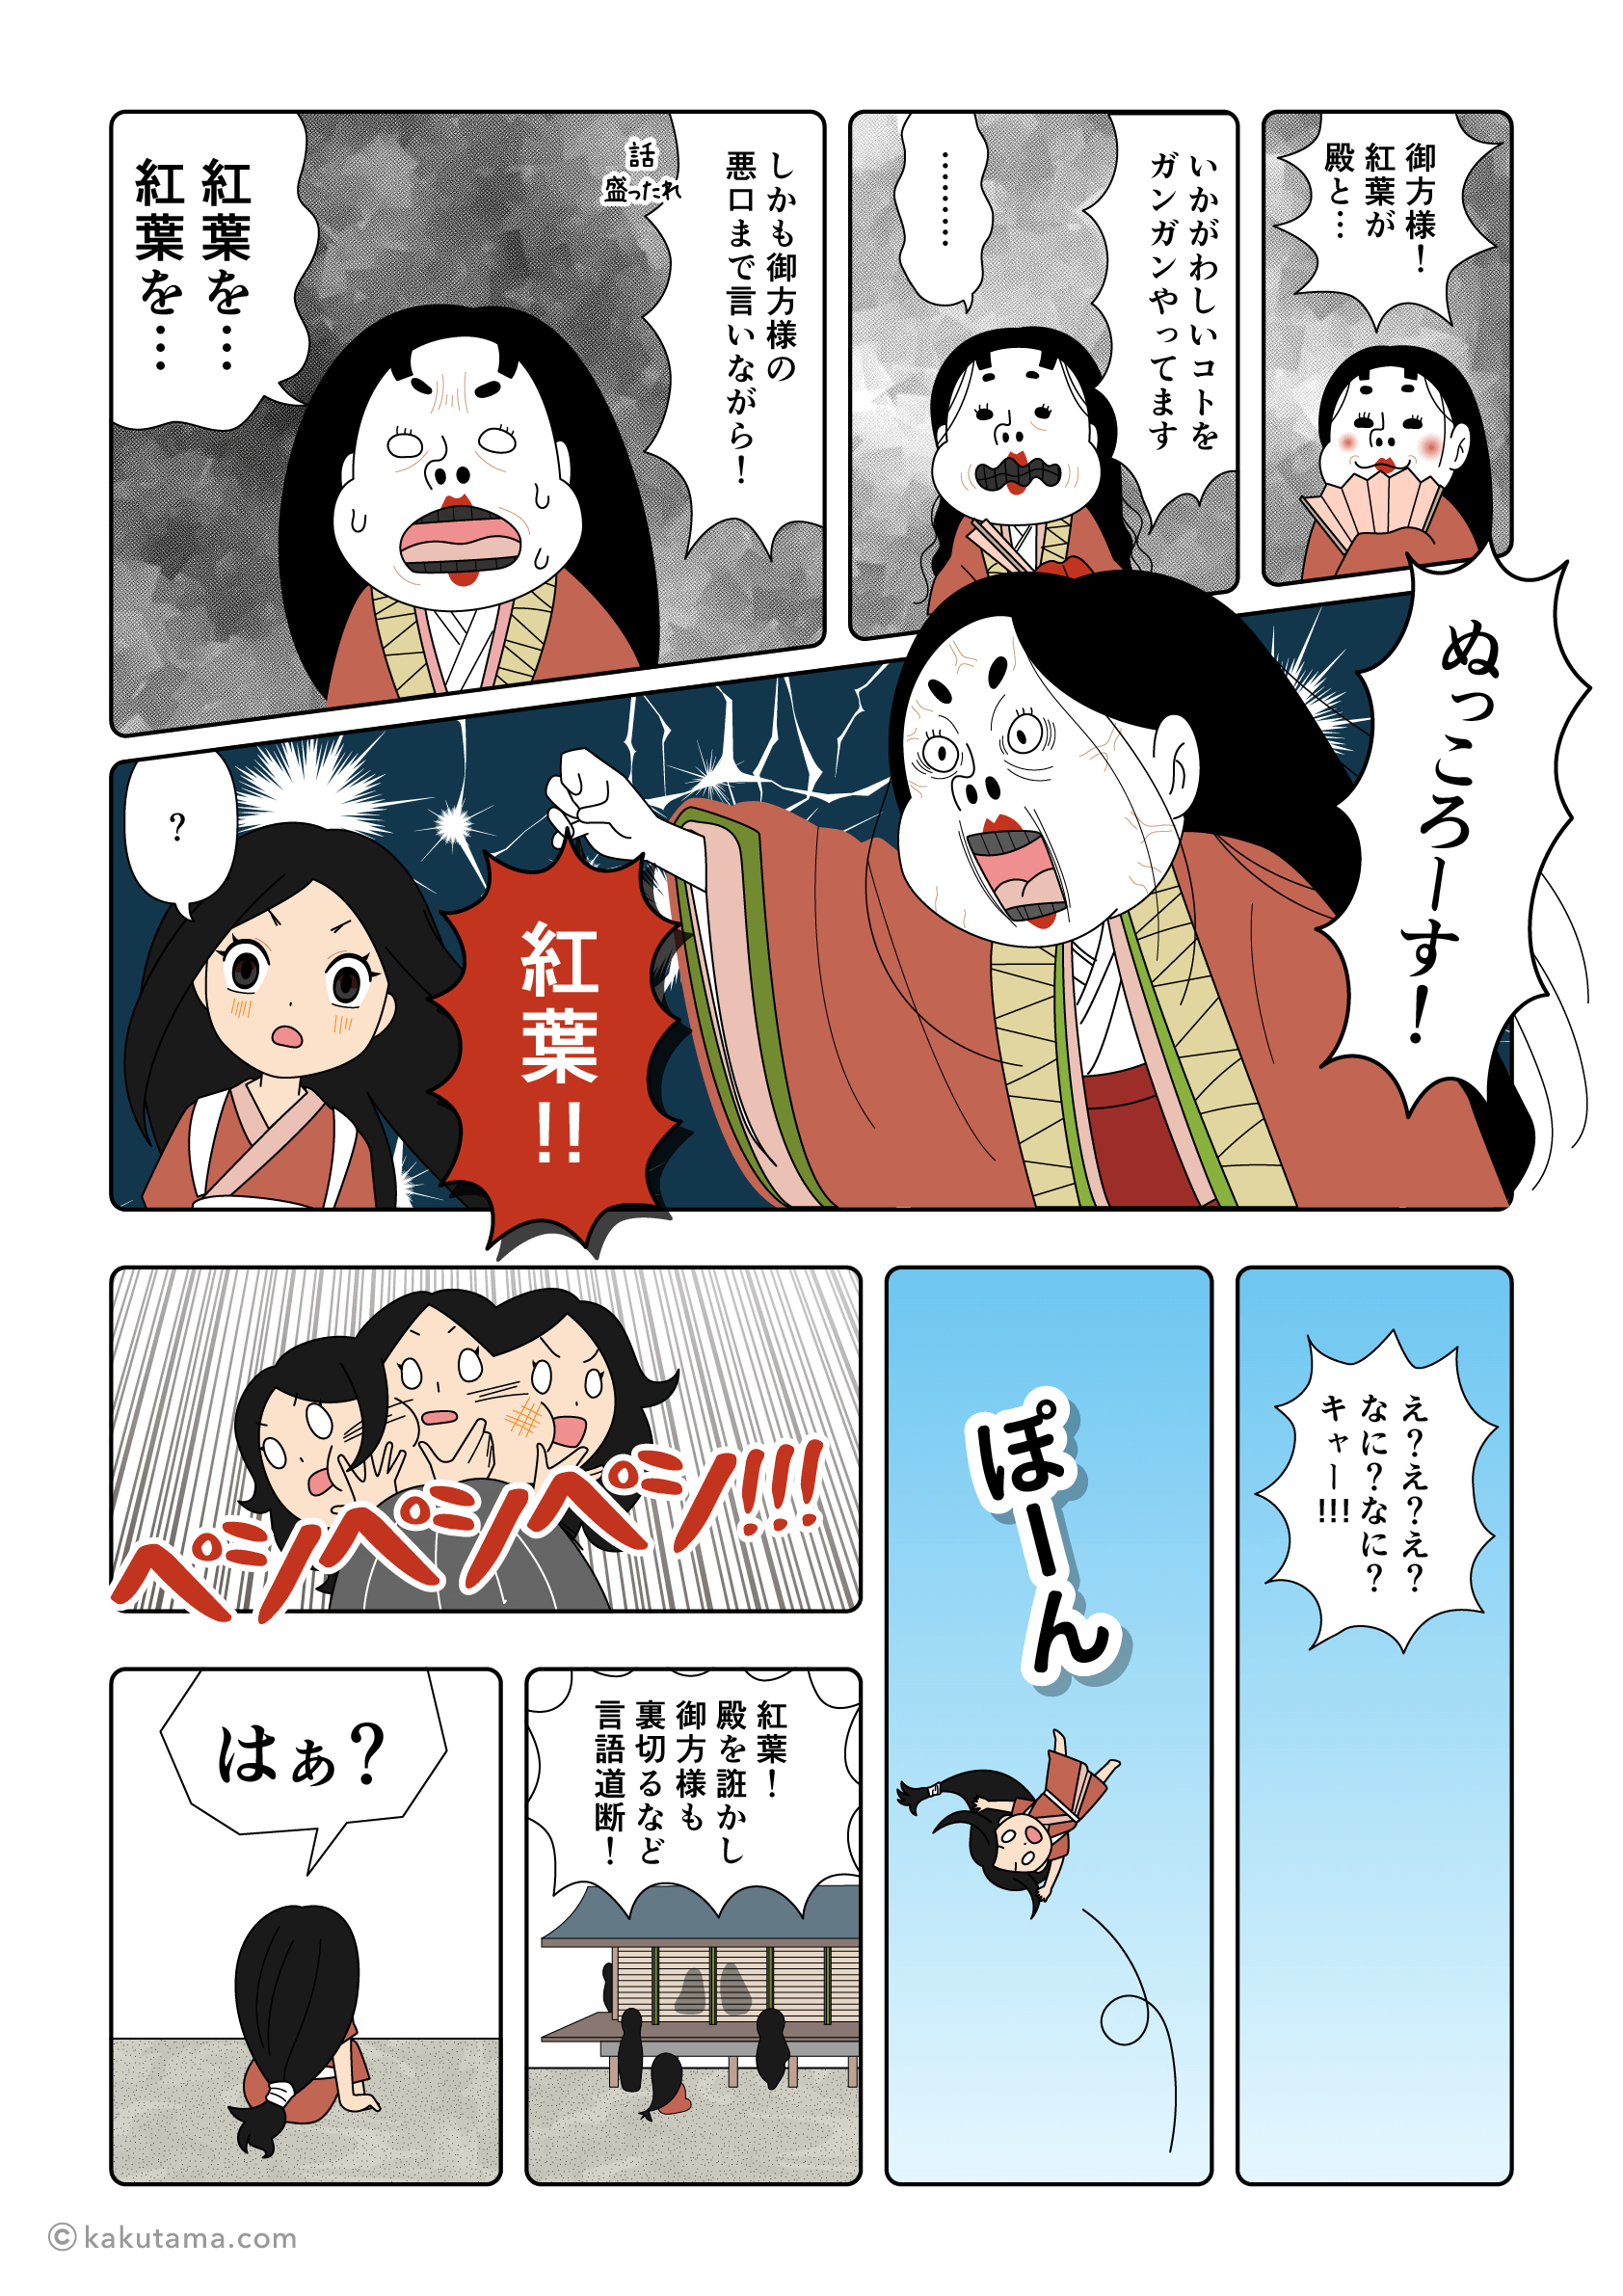 紅葉に対して怒る貴族の漫画